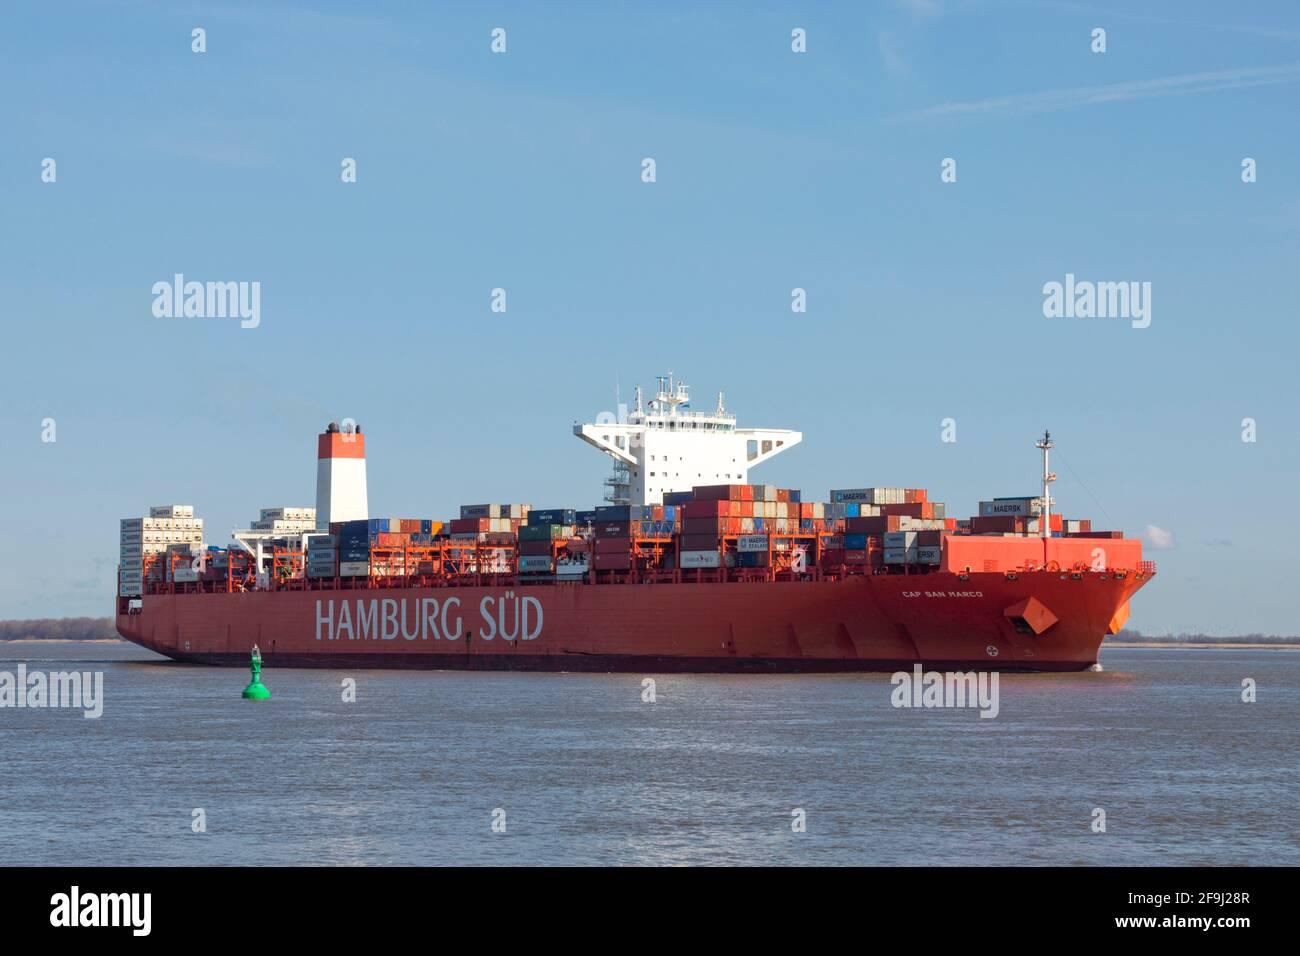 Navire à conteneurs Reefer CAP SAN MARCO, exploité par la compagnie maritime HAMBURG SÜD, passant le port de Stadersand sur l'Elbe en direction de Hambourg Banque D'Images